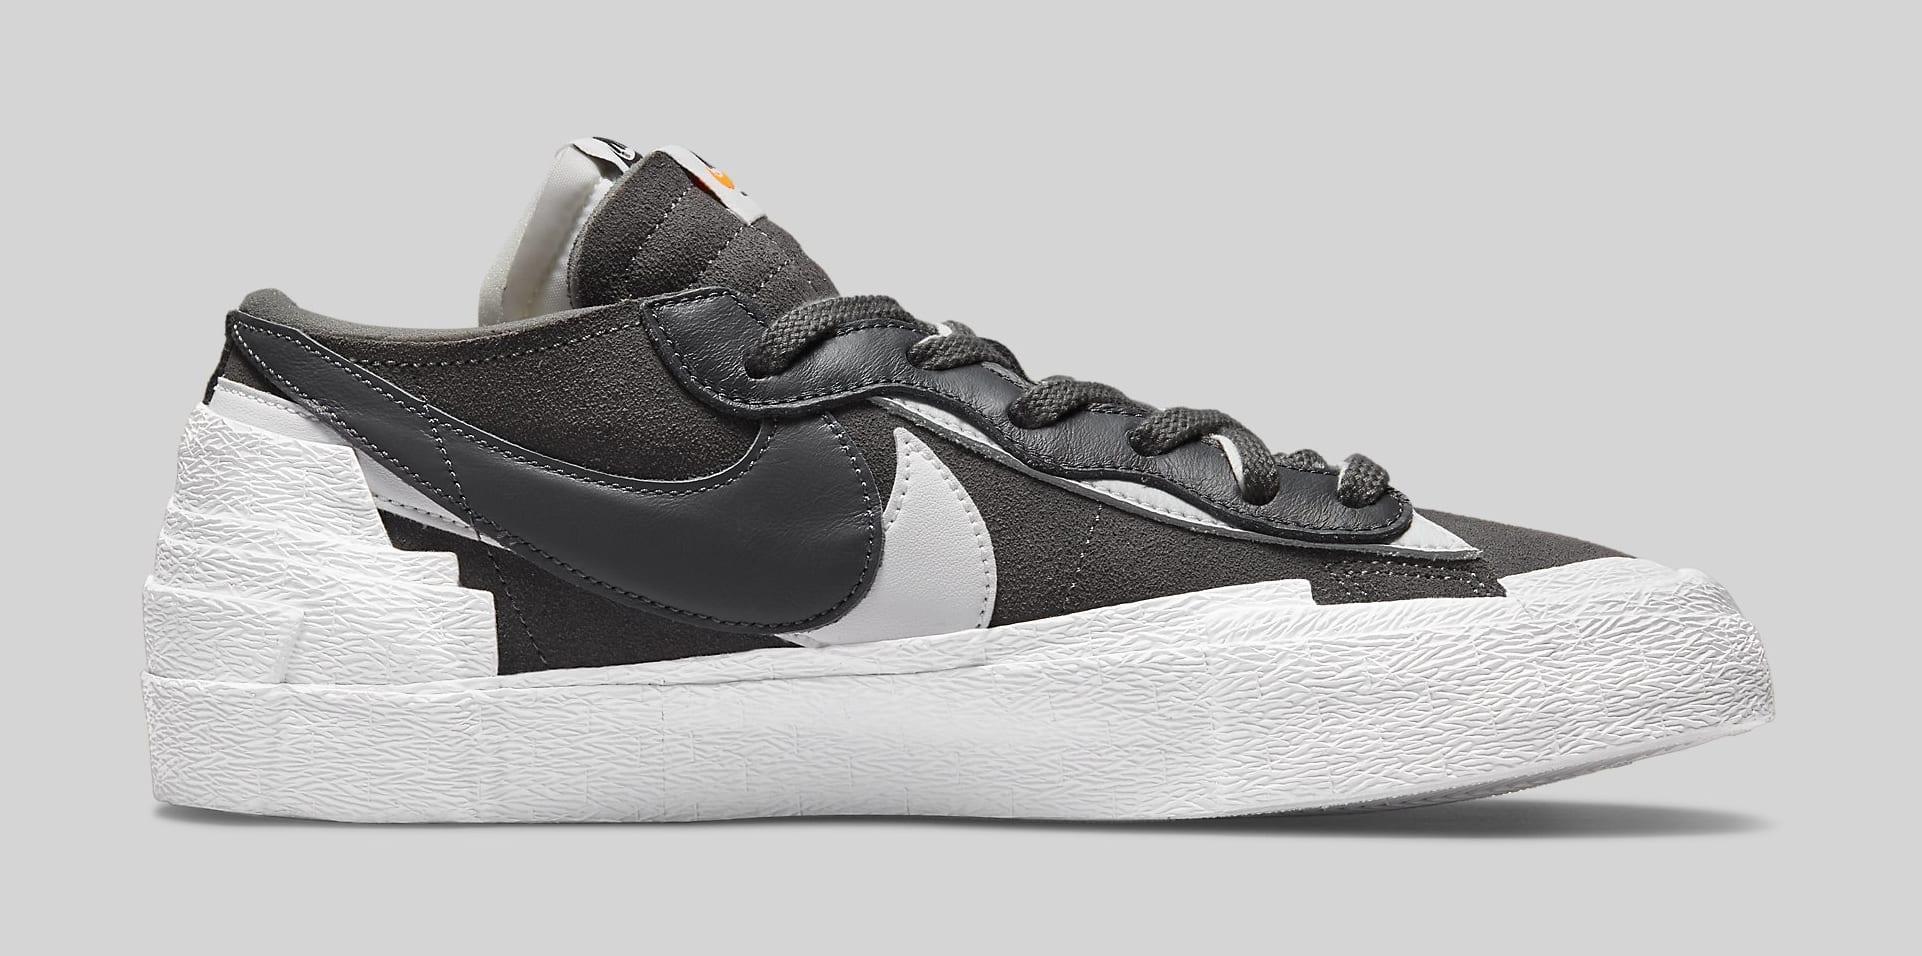 Sacai x Nike Blazer Low 'Iron Grey' DD1877-002 Medial